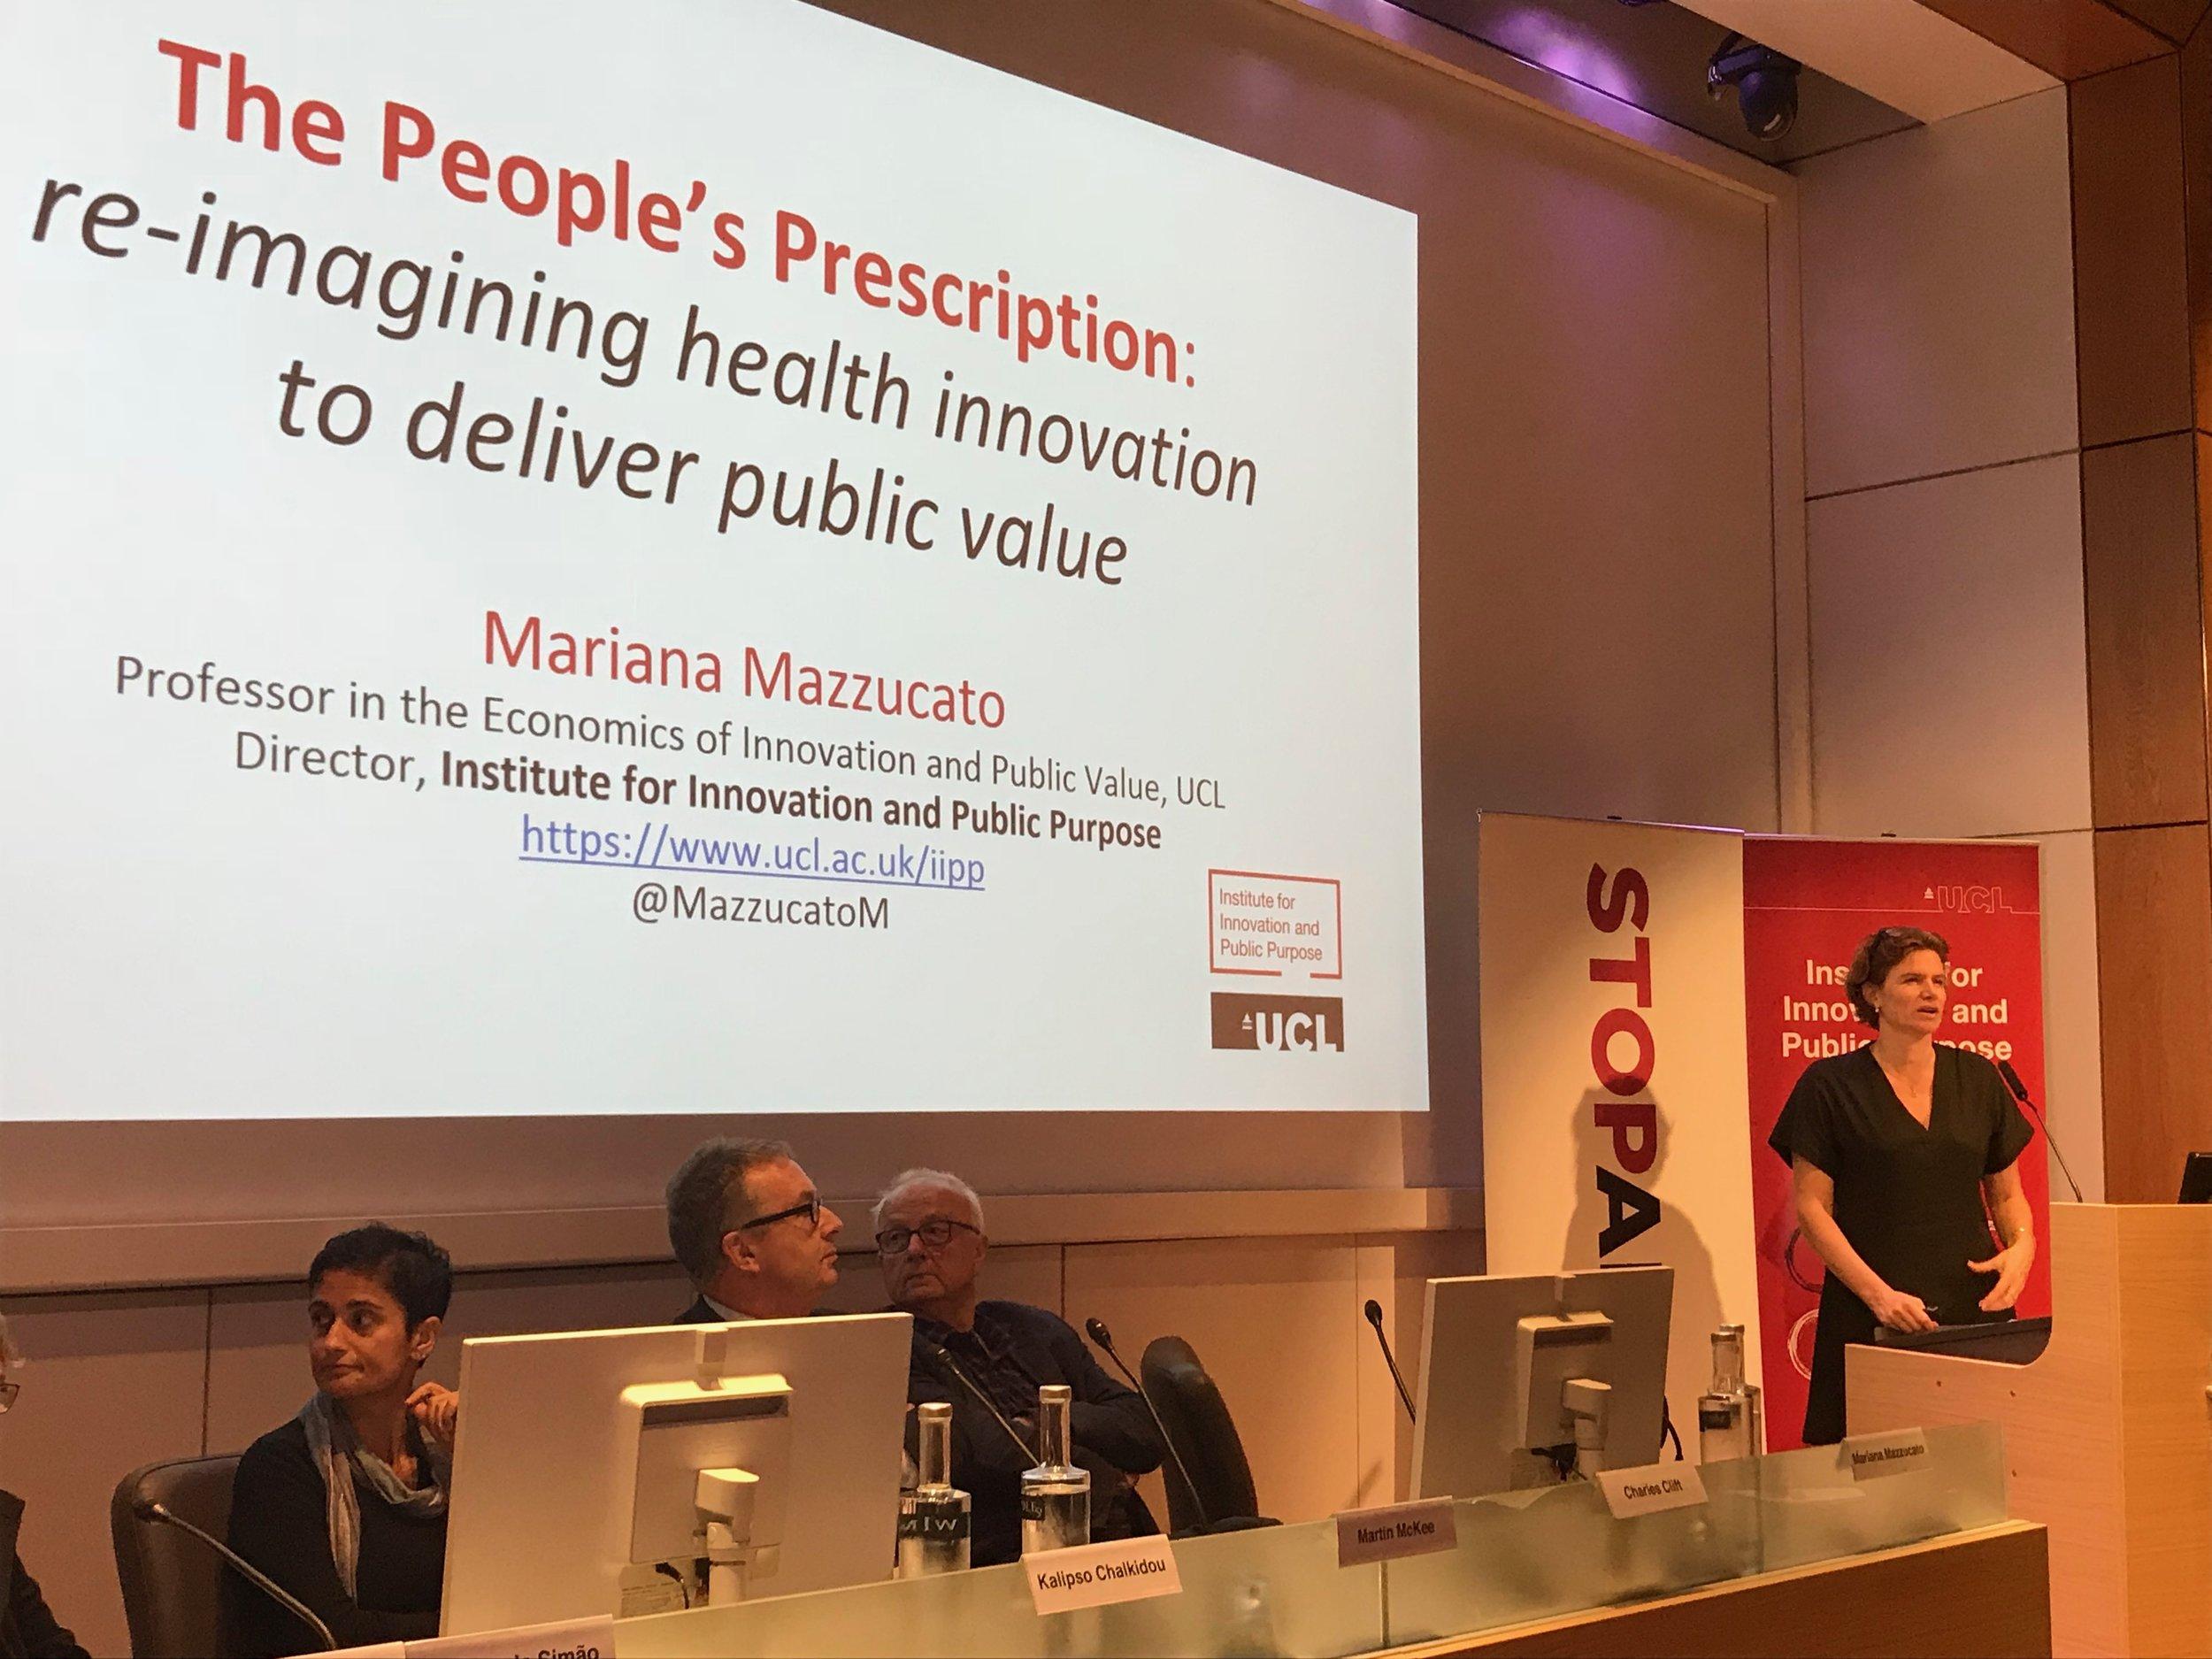 Mariana Mazzucato launches the People's Prescription report.